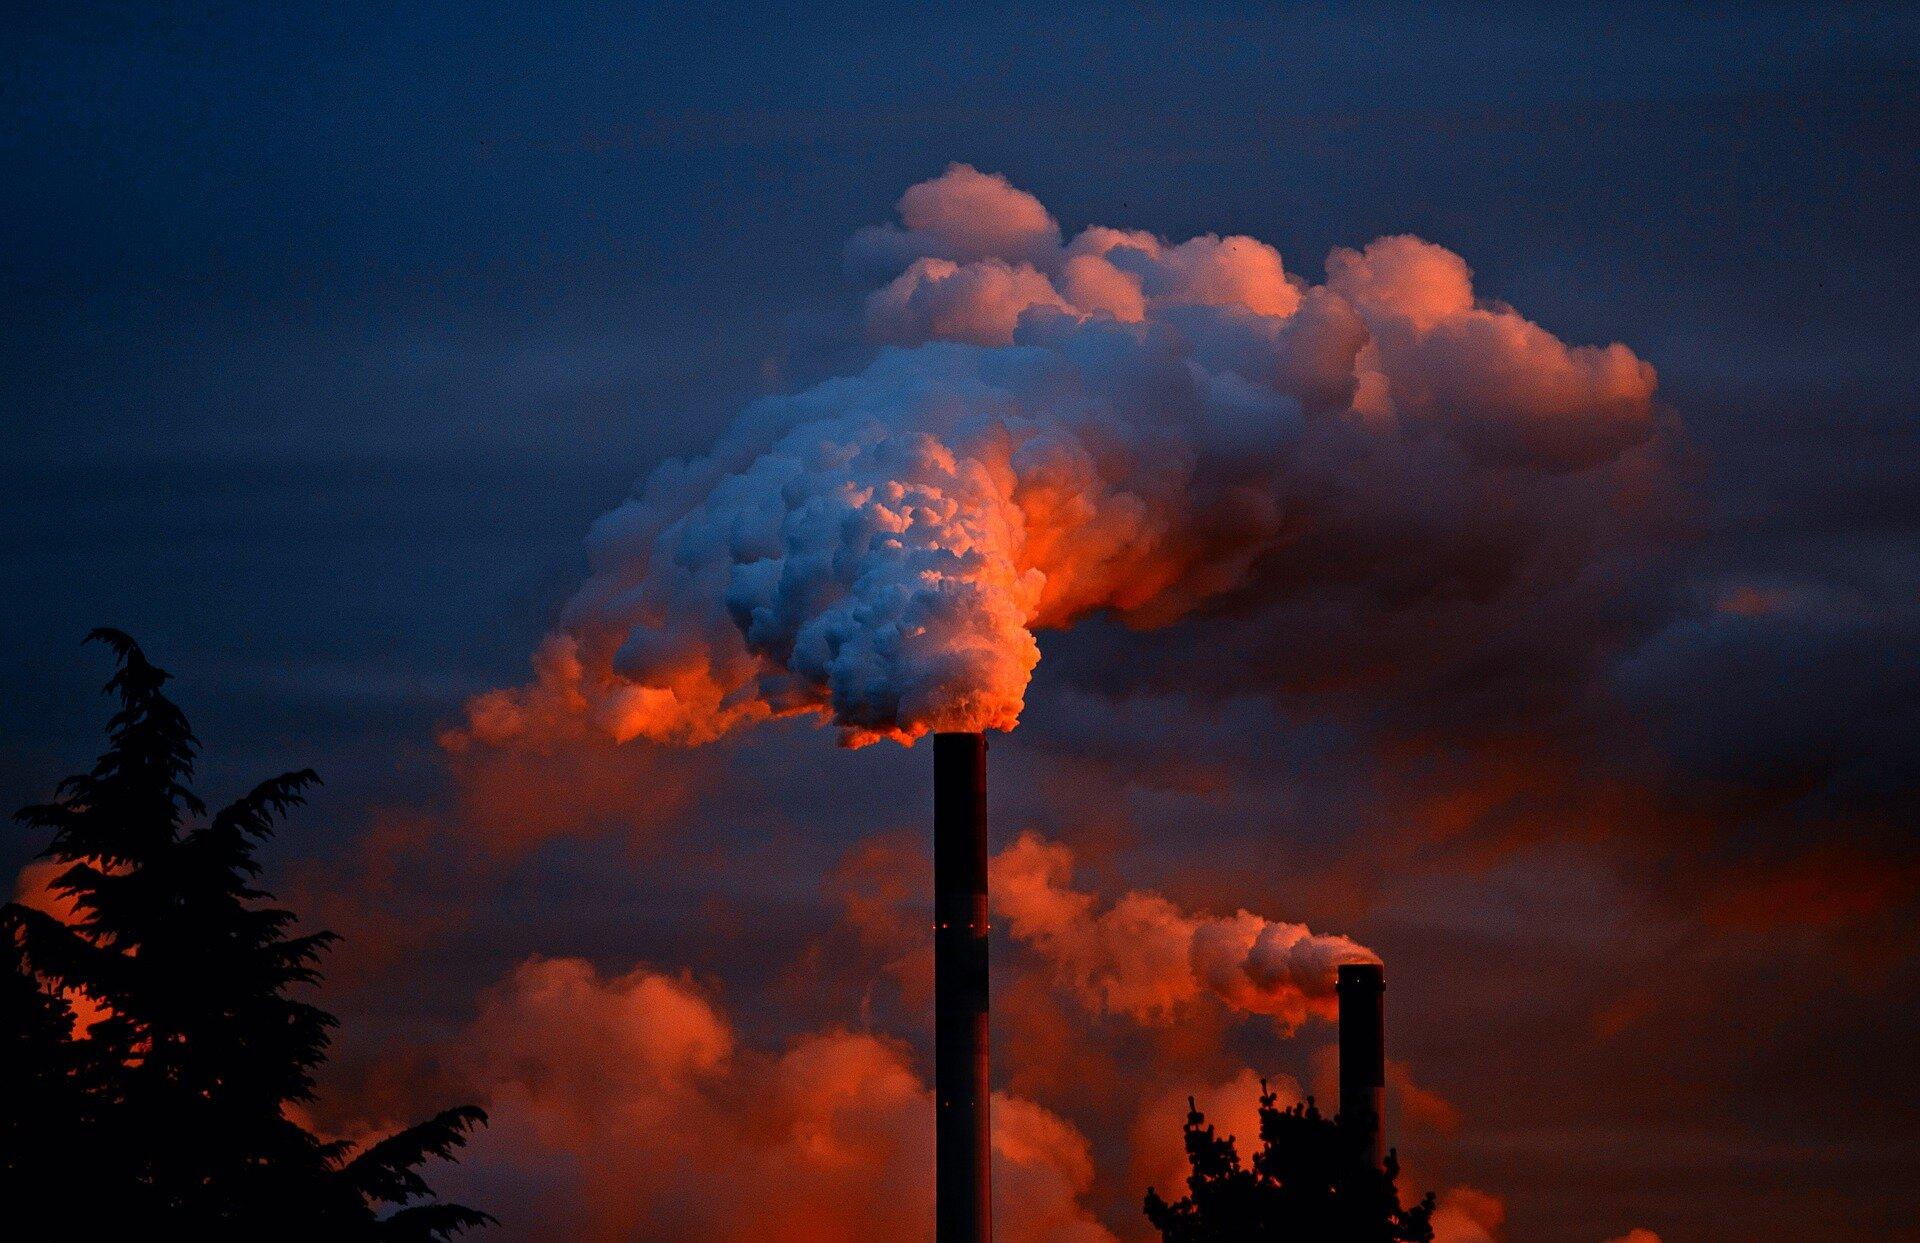 Neuer Bericht zeigt die dramatischen gesundheitlichen Vorteile der folgenden Verringerung der Luftverschmutzung